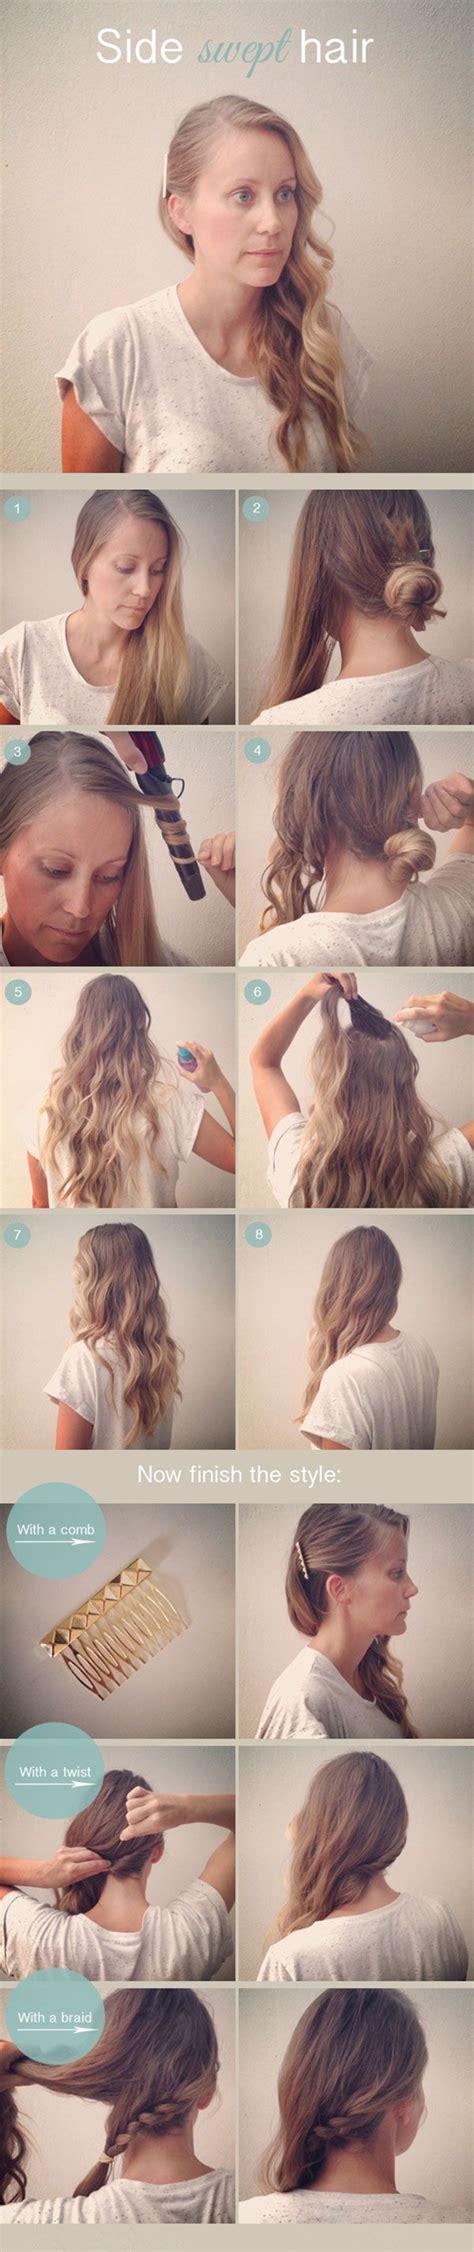 crown hair pieces for black women crown hair pieces for black women extensions hairstyles thin crown hair short